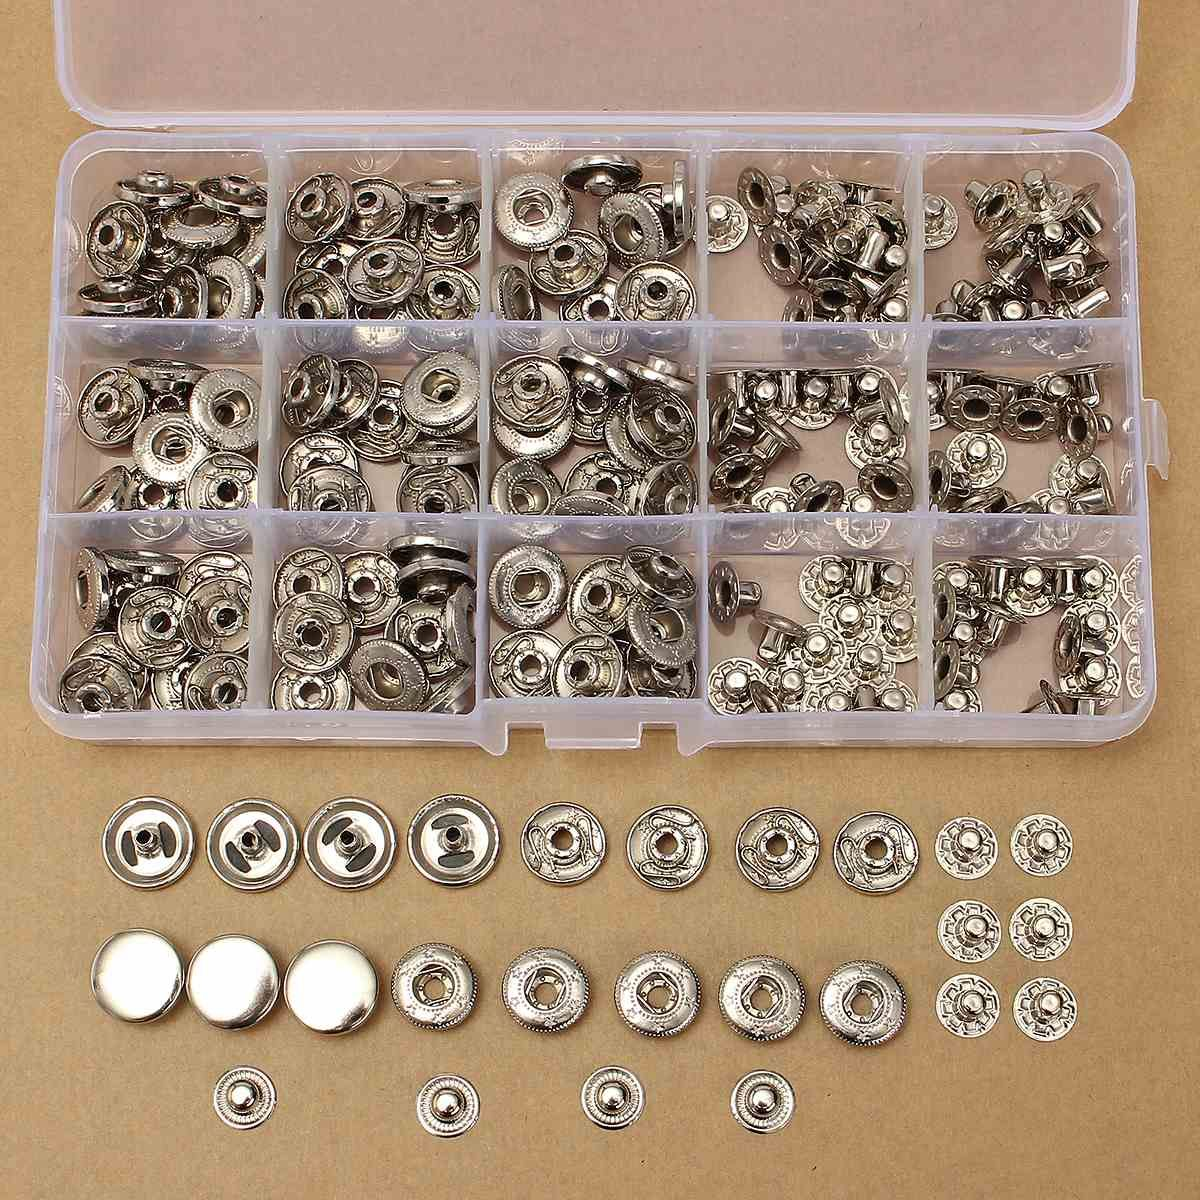 MTGATHER 100 Sätze Metall 15mm Silber Druckknöpfe Presse Stud Taste Leder Tool Kit Langlebig Und Praktische Besten Preis